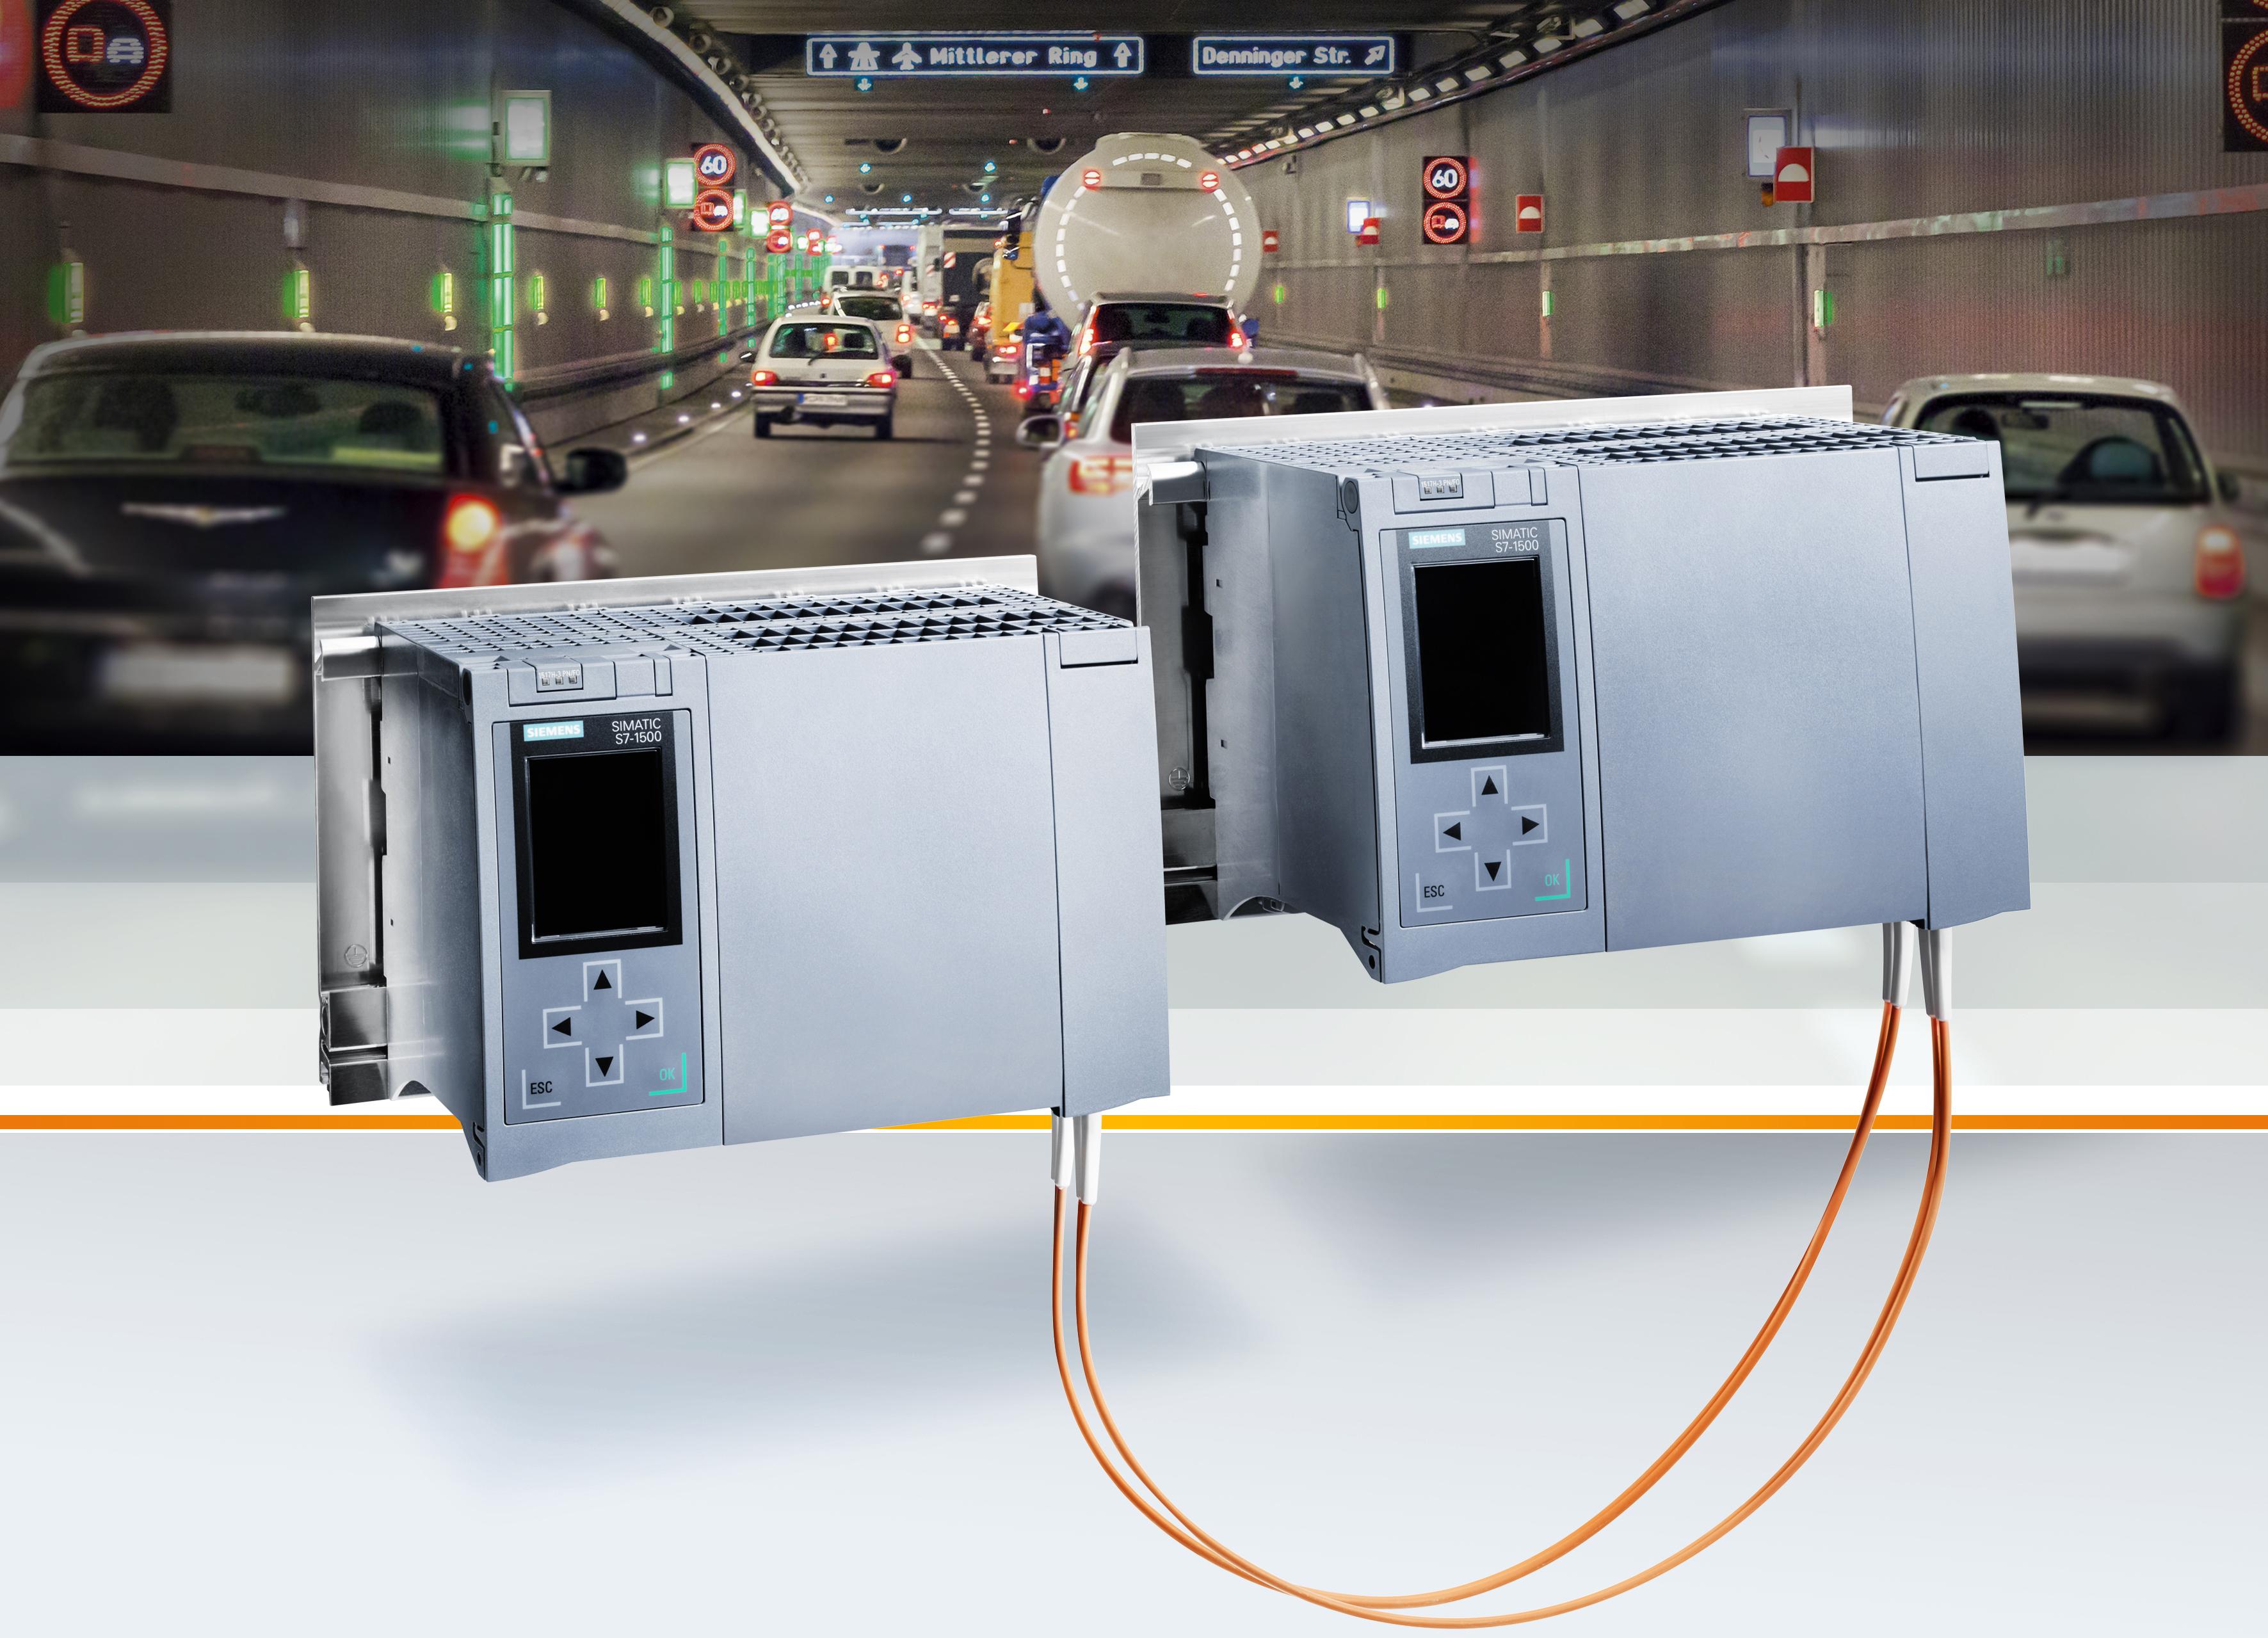 Mit neuen CPUs für redundante Automatisierungsanwendungen erweitert Siemens sein Portfolio der Advanced Controller Simatic S7-1500. Bei Ausfall einer CPU übernimmt die Back-Up-CPU automatisch die Steuerung des Prozesses.